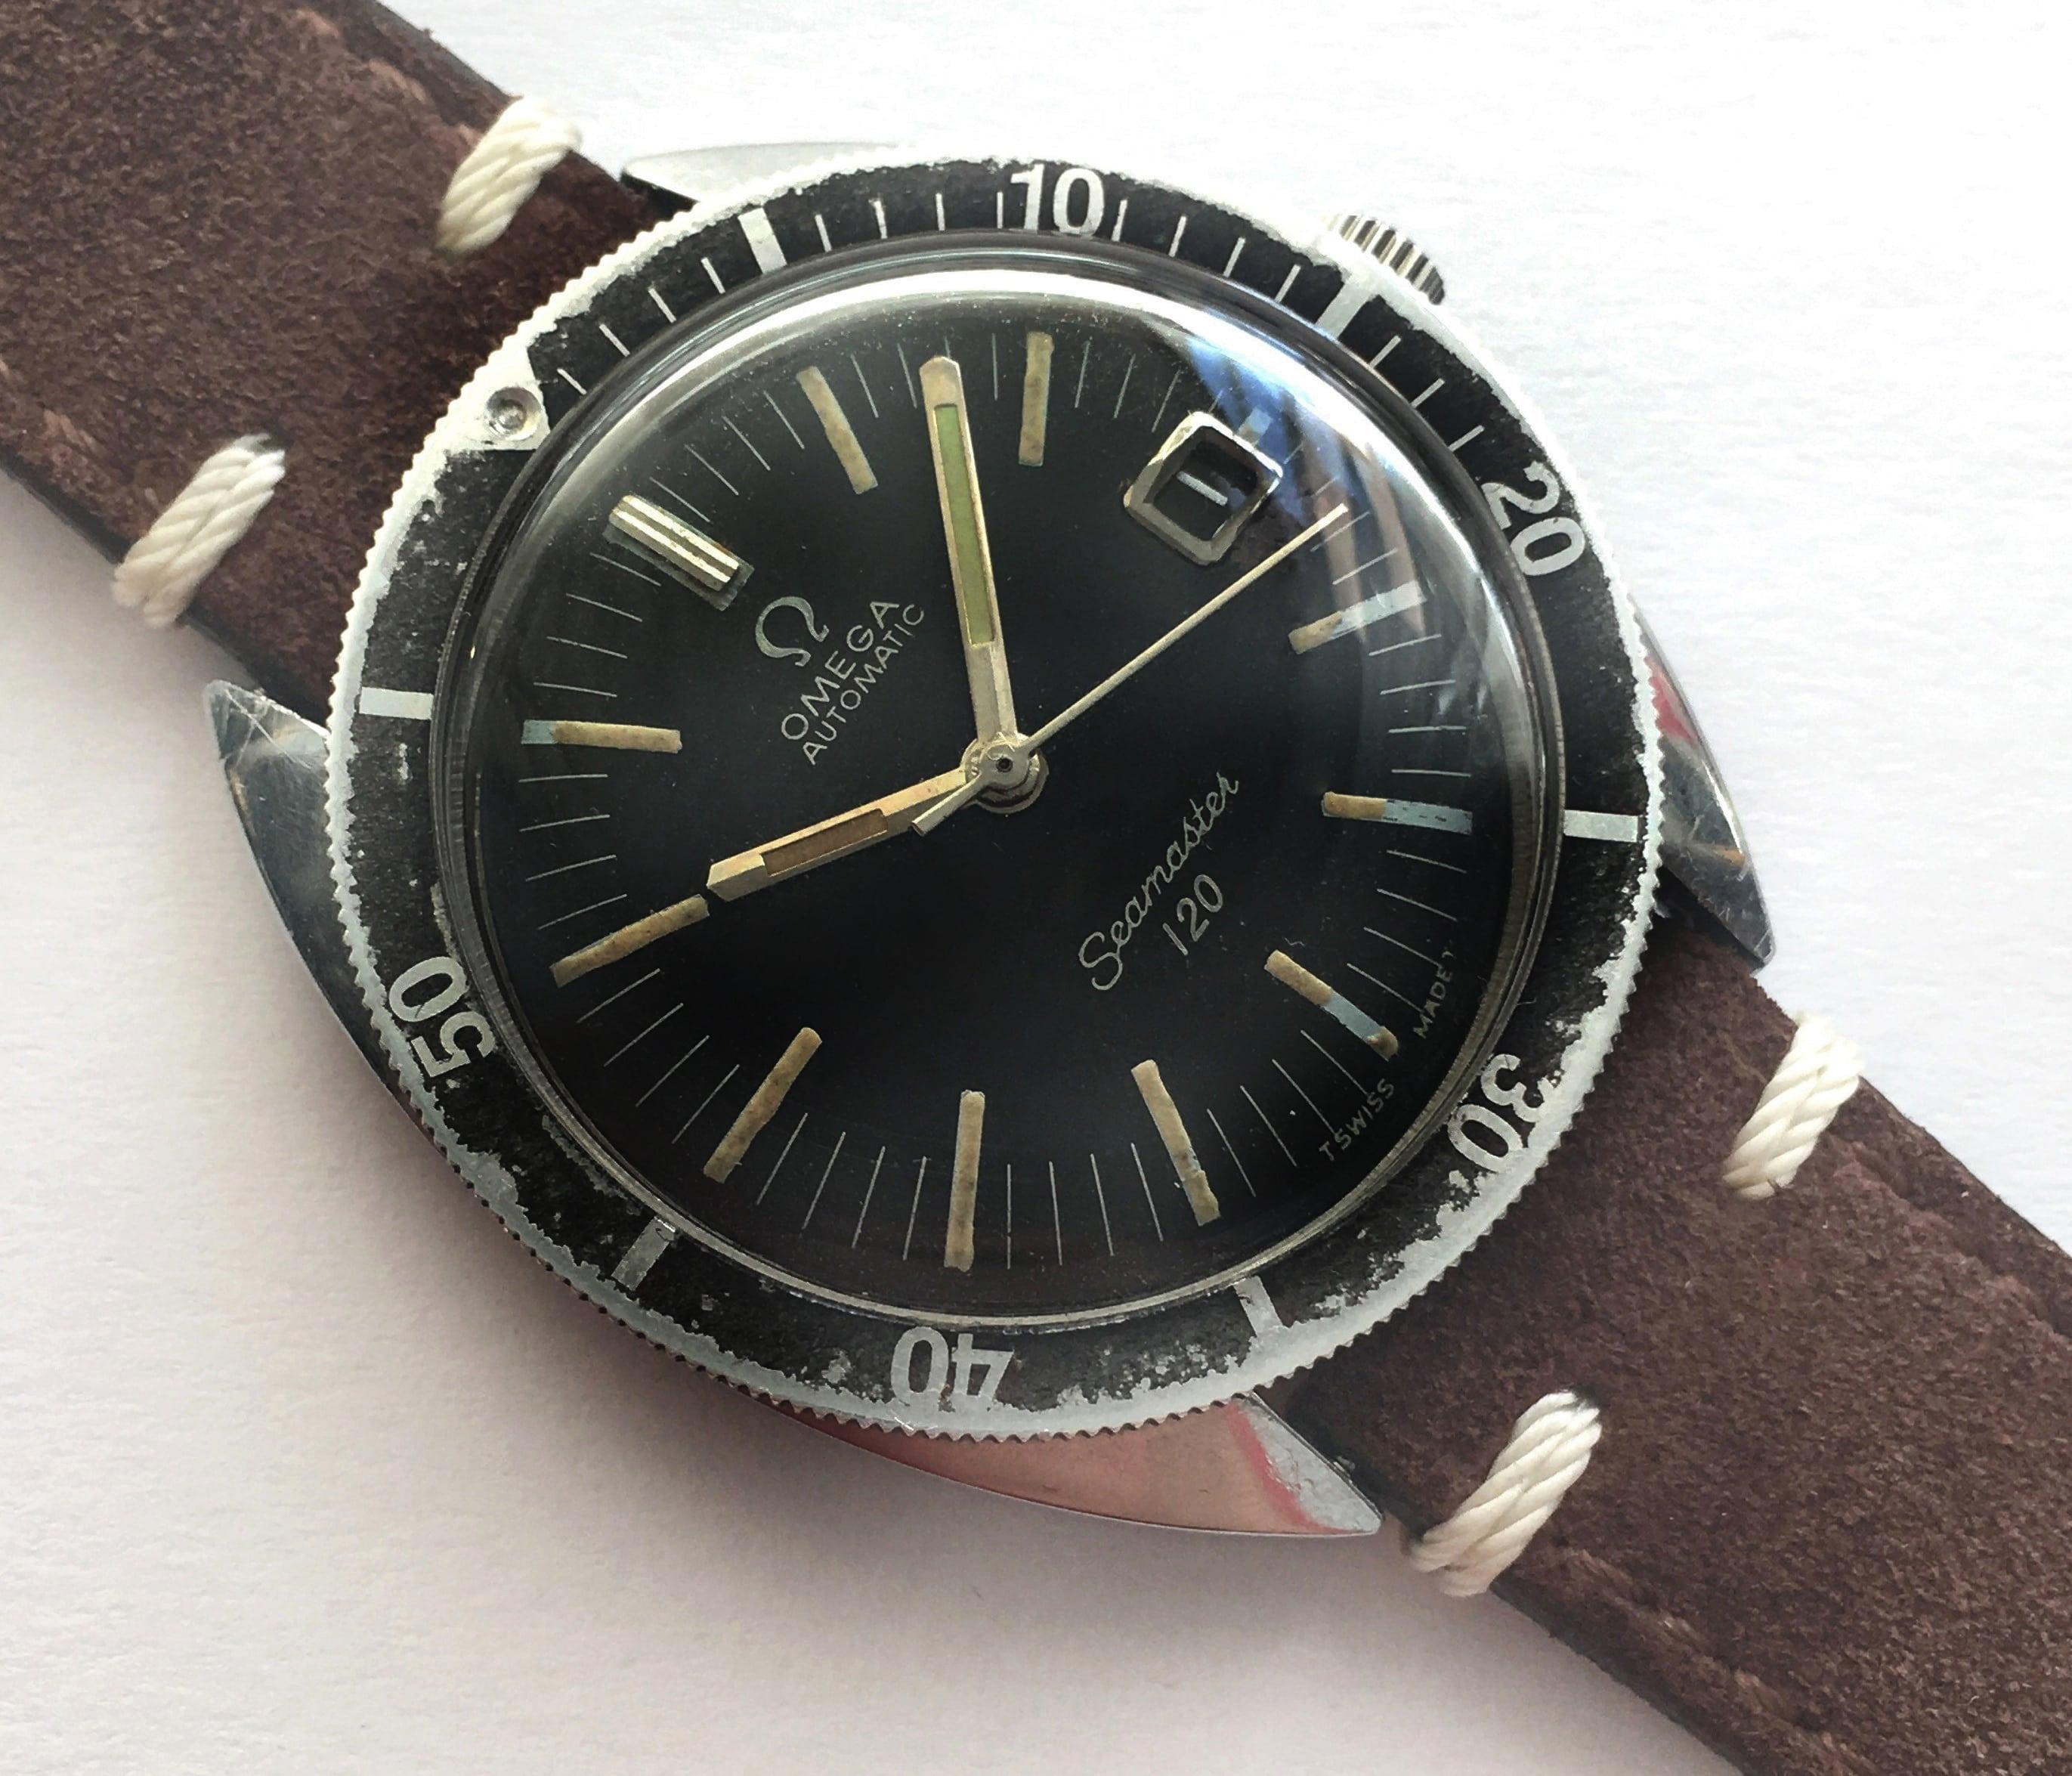 Omega seamaster 120 vintage diver automatic 37mm date vintage portfolio for Omega diver